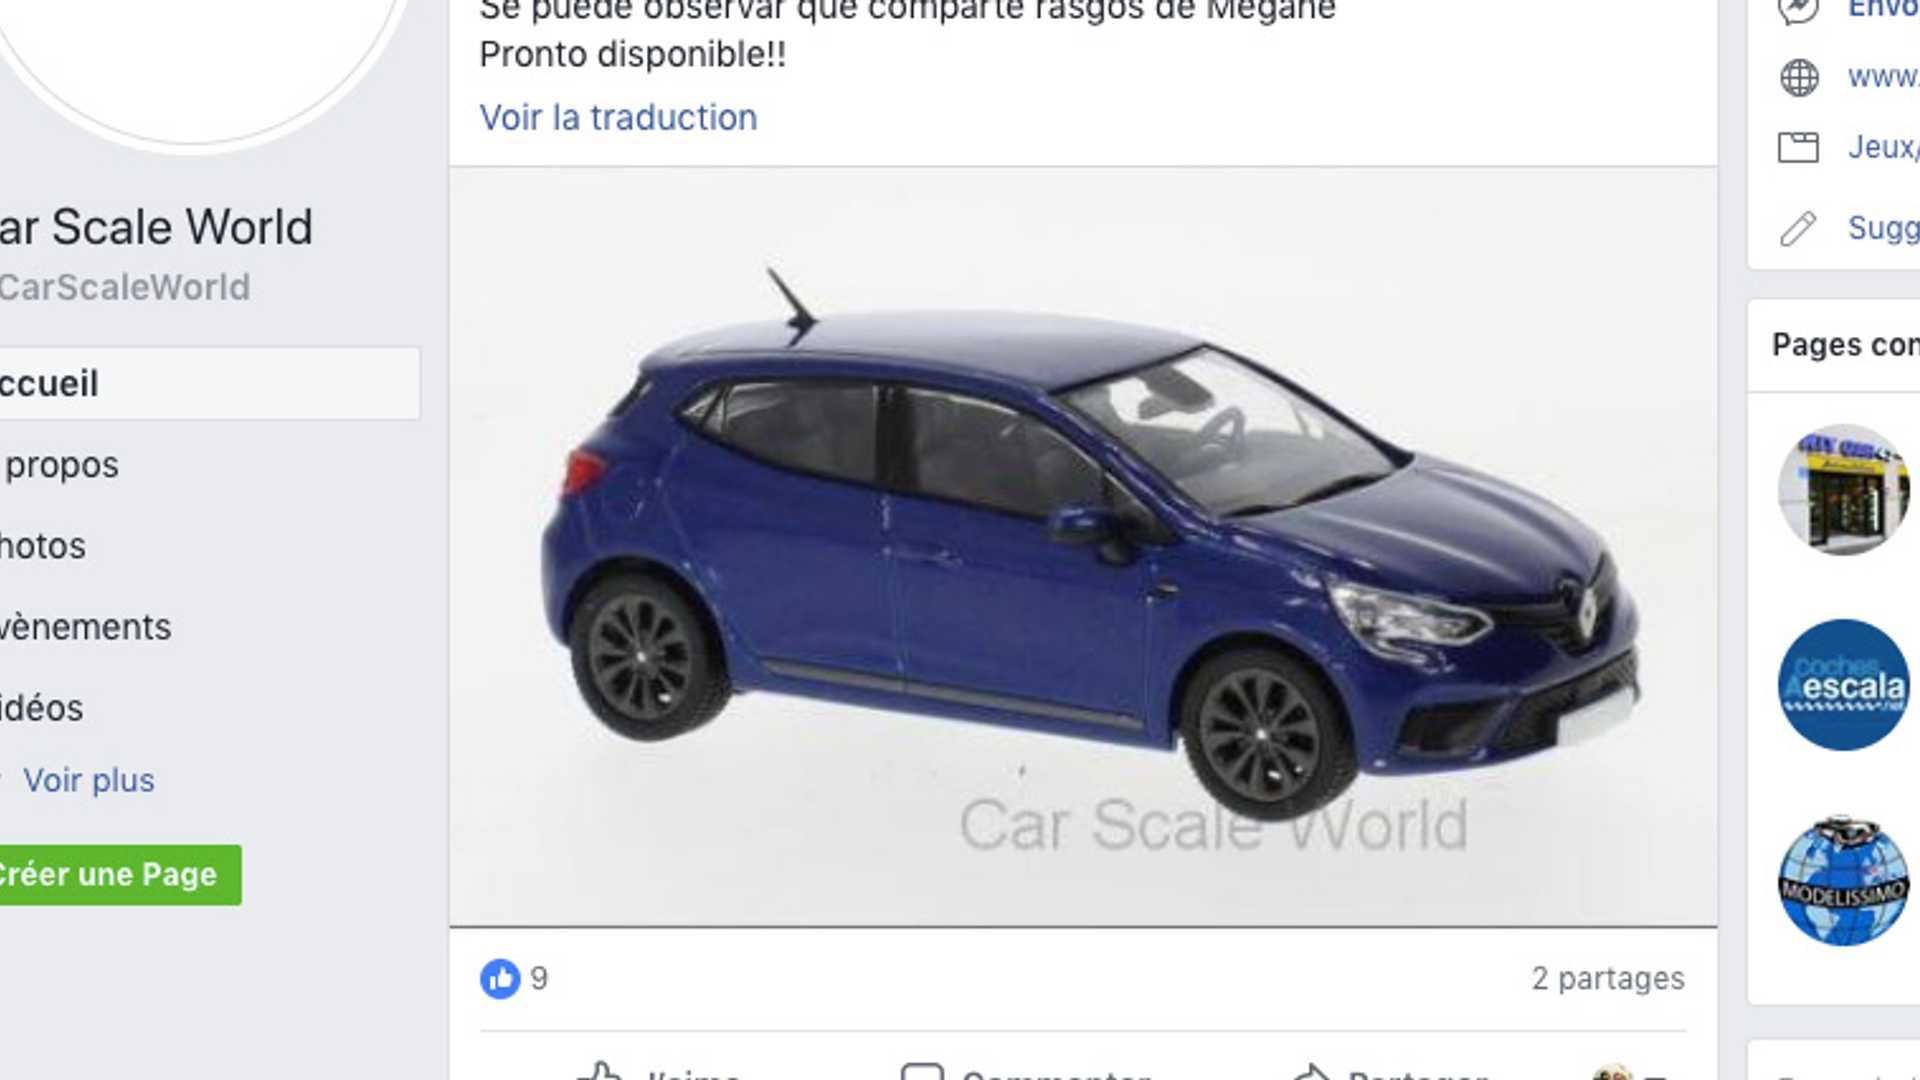 Parece Que El Renault Clio 2019 Se Ha Dejado Ver A Escala